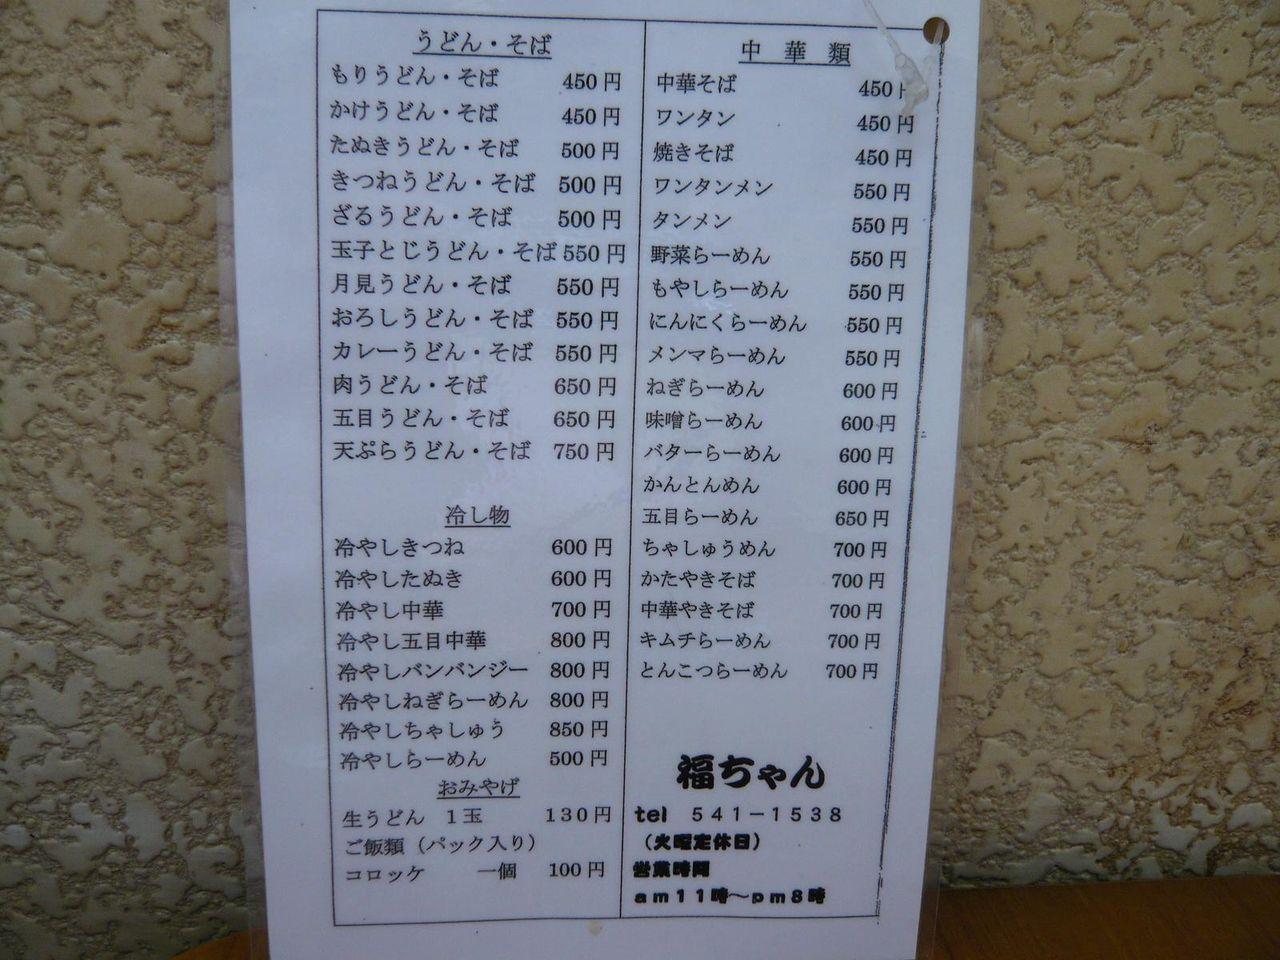 通常メニューも川幅麺に変更できます!(22年5月現在)